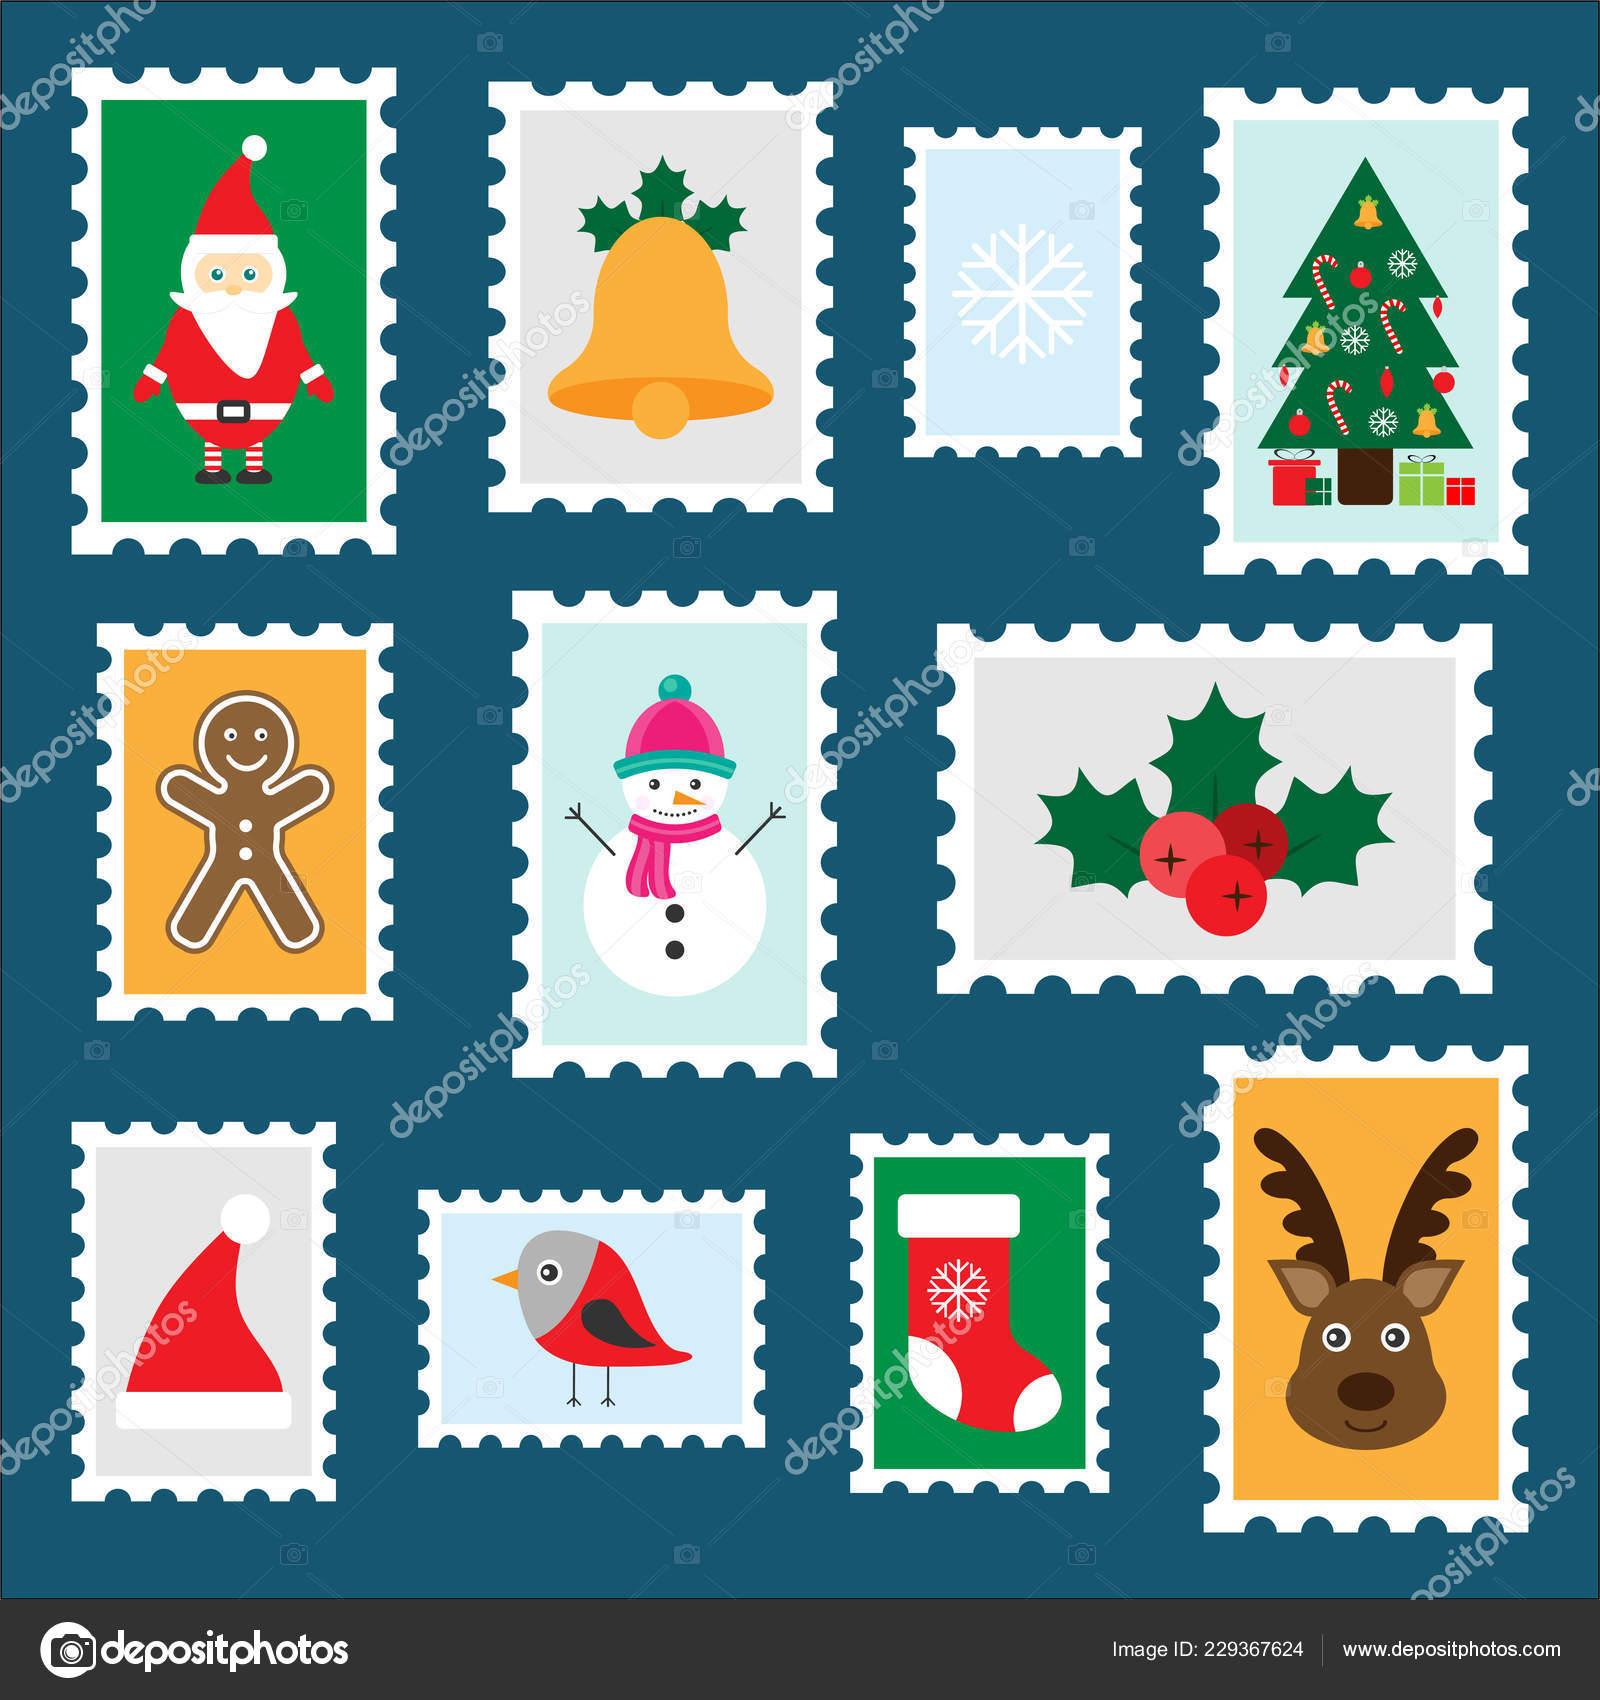 Immagini Di Natale Per Bambini Colorate.Diversi Francobolli Colorati Natale Bambini Divertente